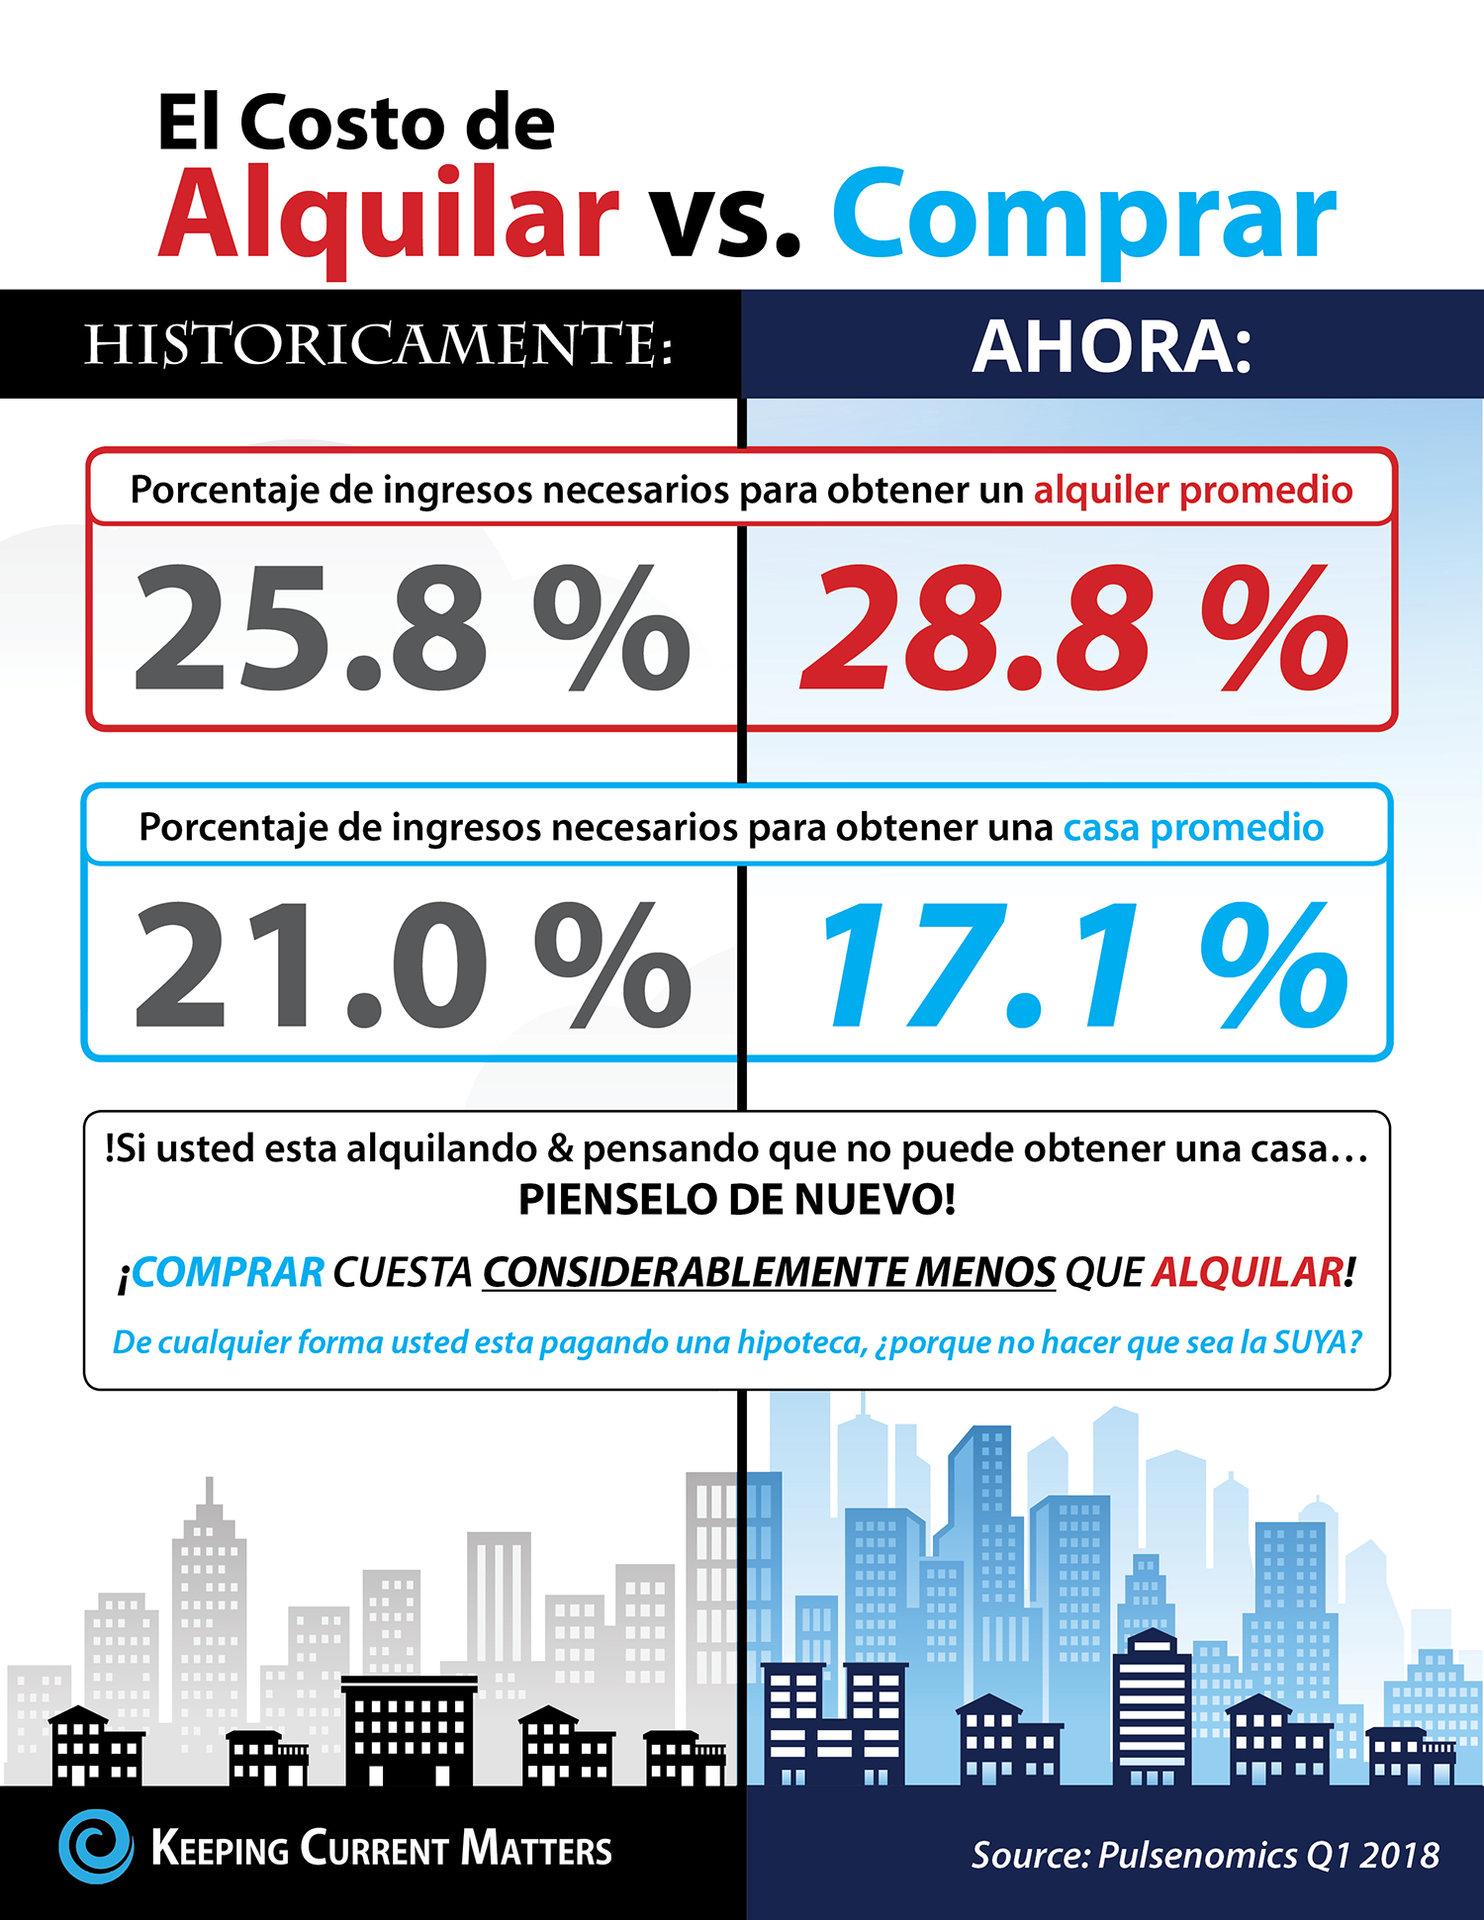 El costo de alquilar vs. comprar [infografía]